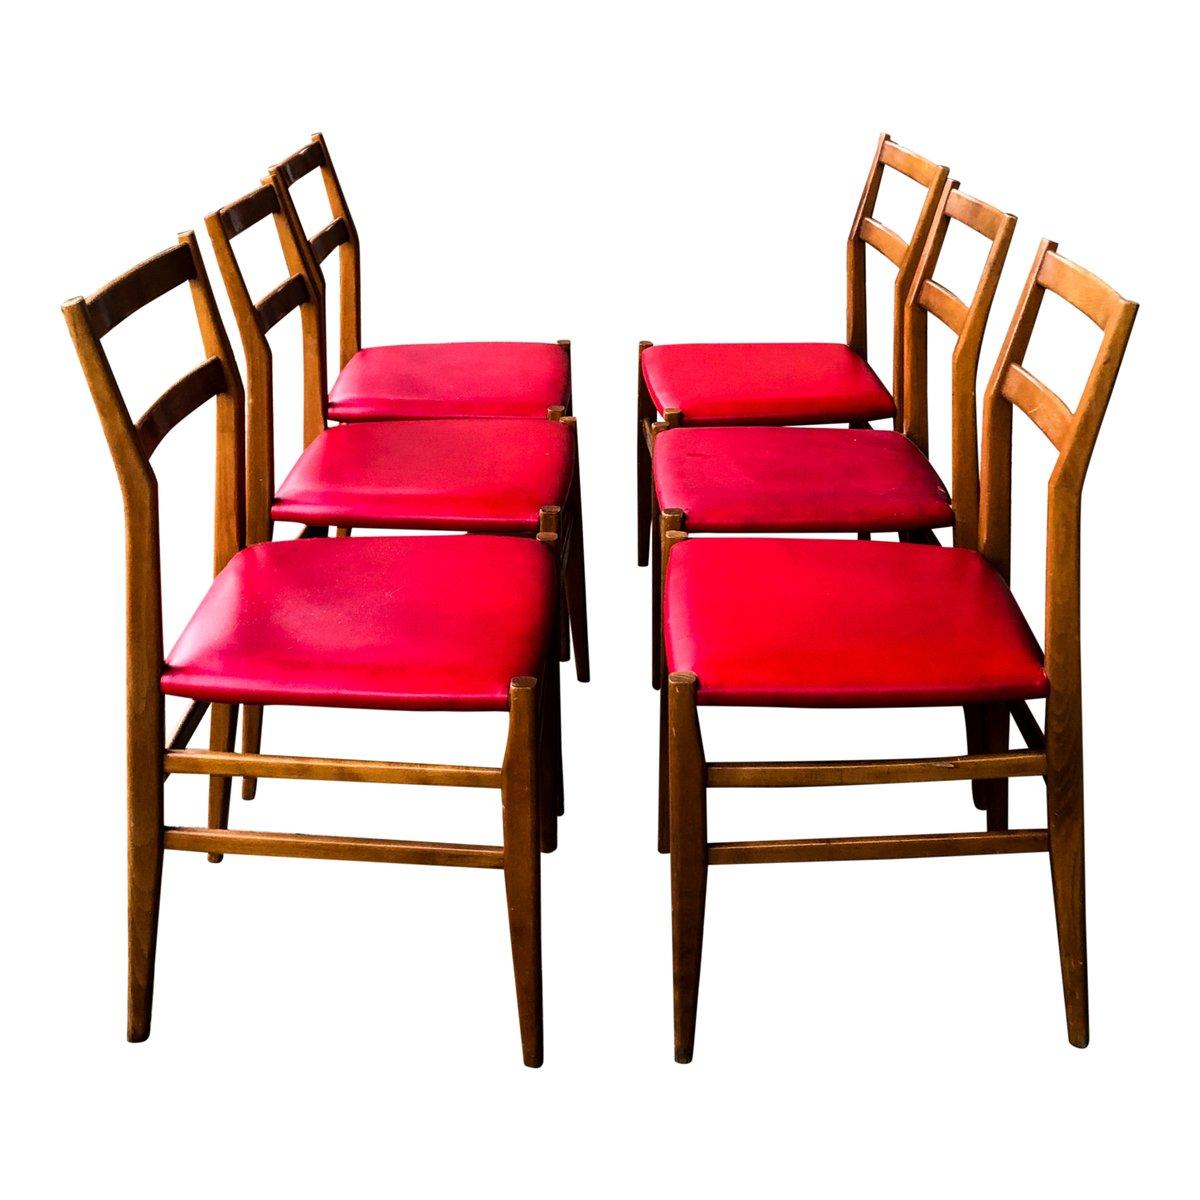 Sedie da pranzo Leggera in frassino e similpelle rossa di ...